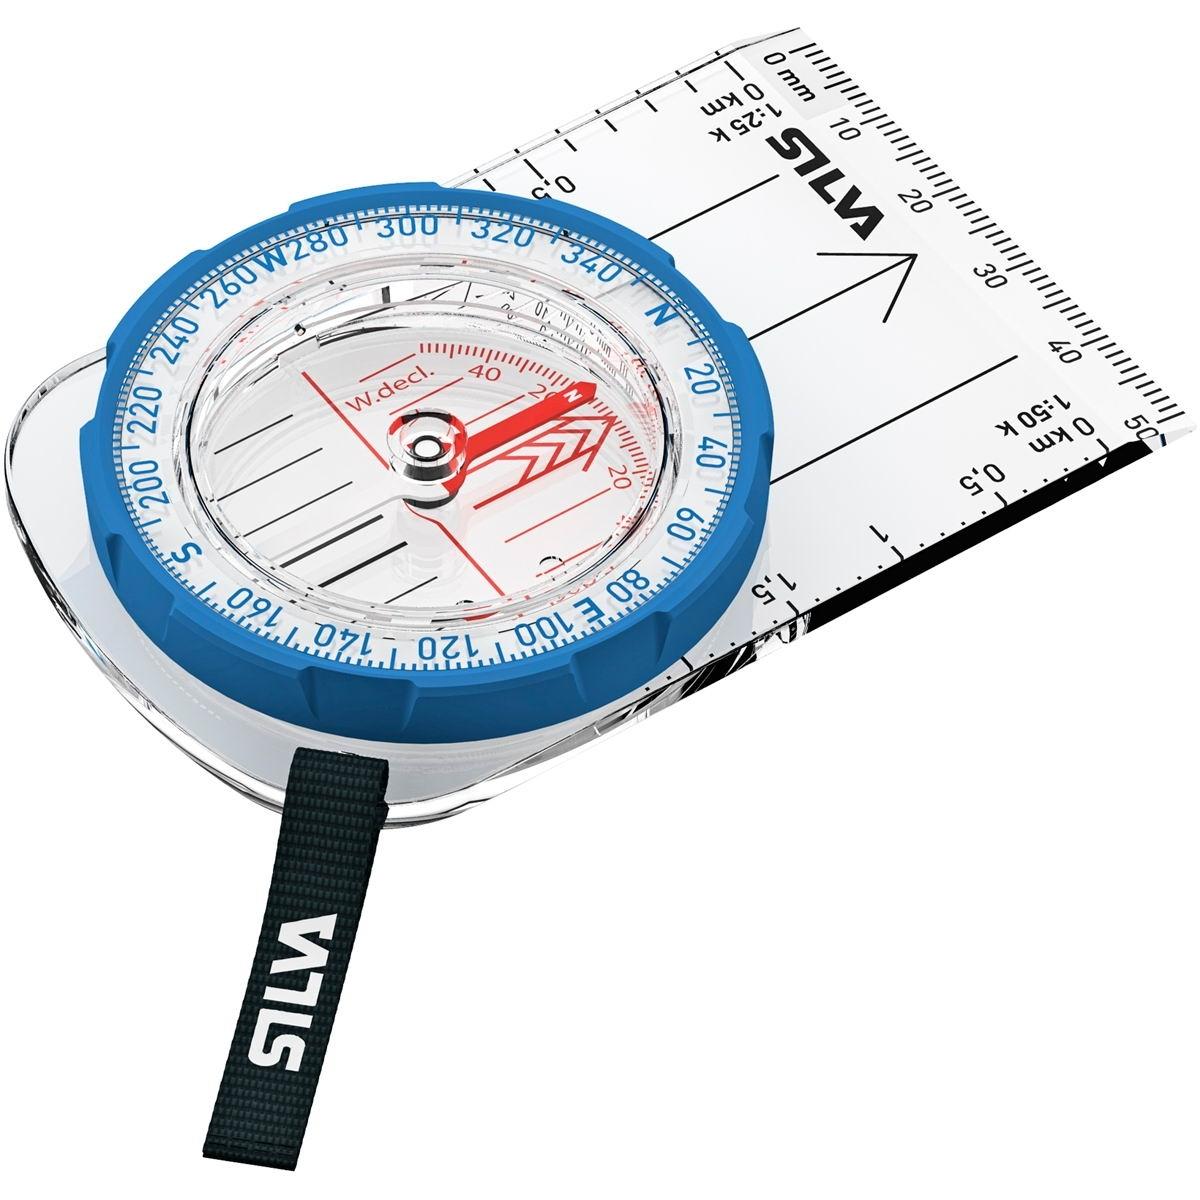 Компас Silva Compass Field, Компасы - арт. 675470386